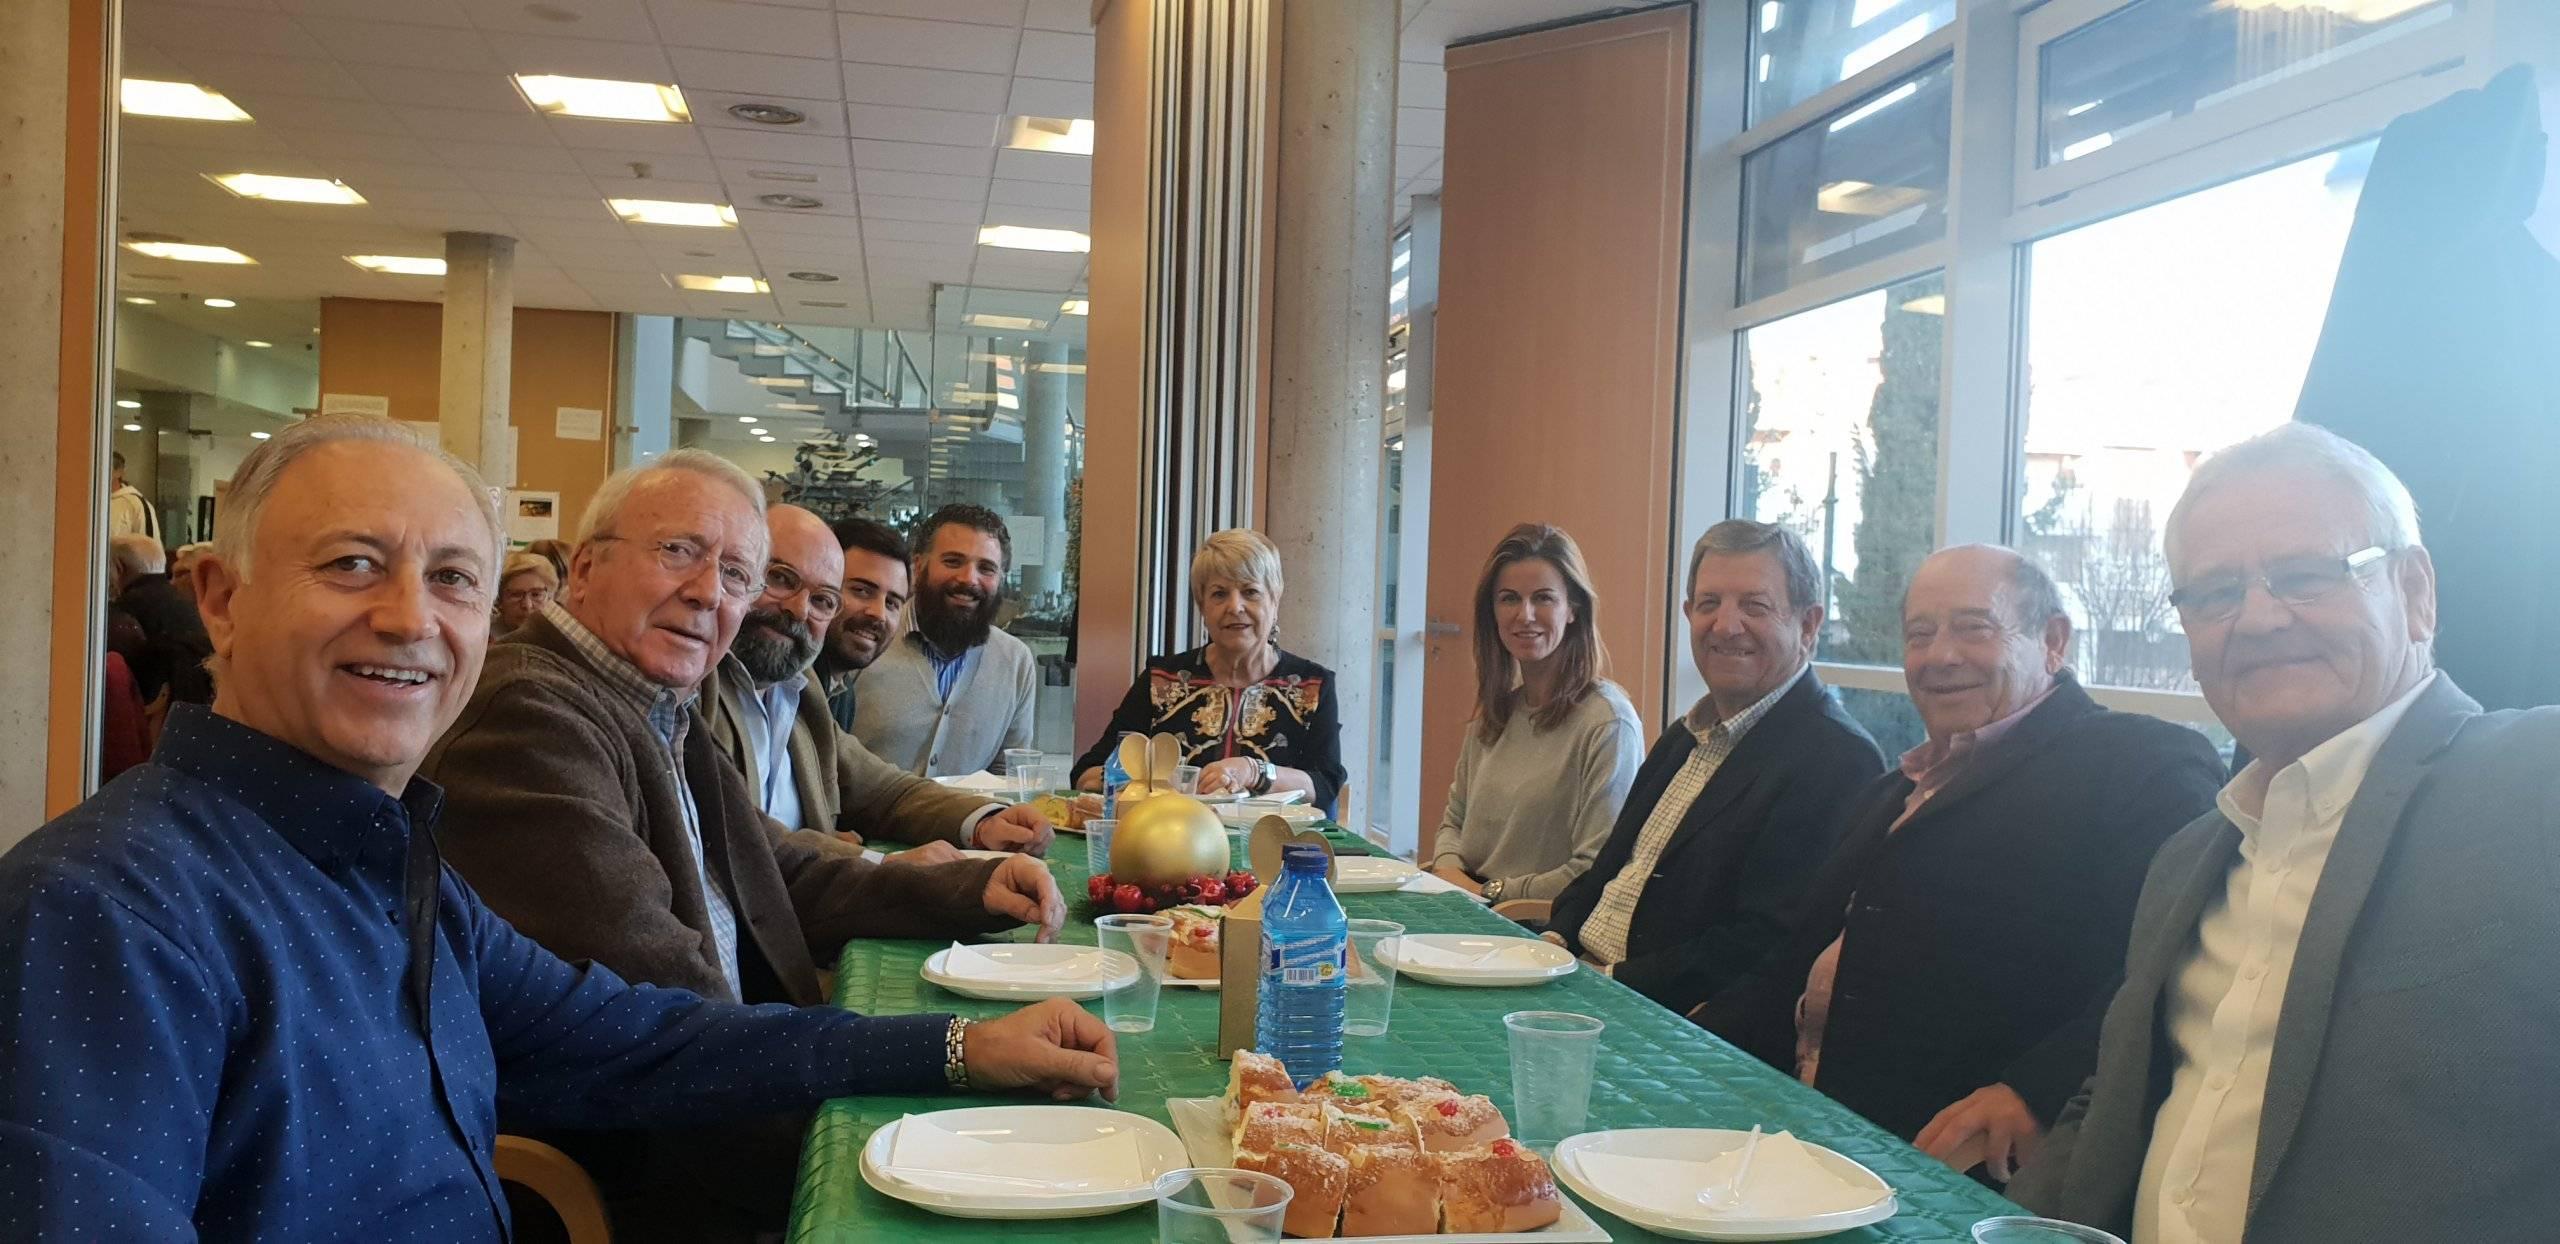 El alcalde, Luis Partida, concejales y miembros de la Junta Directiva de la Asociación de Mayores, durante la tradicional Fiesta de Reyes.